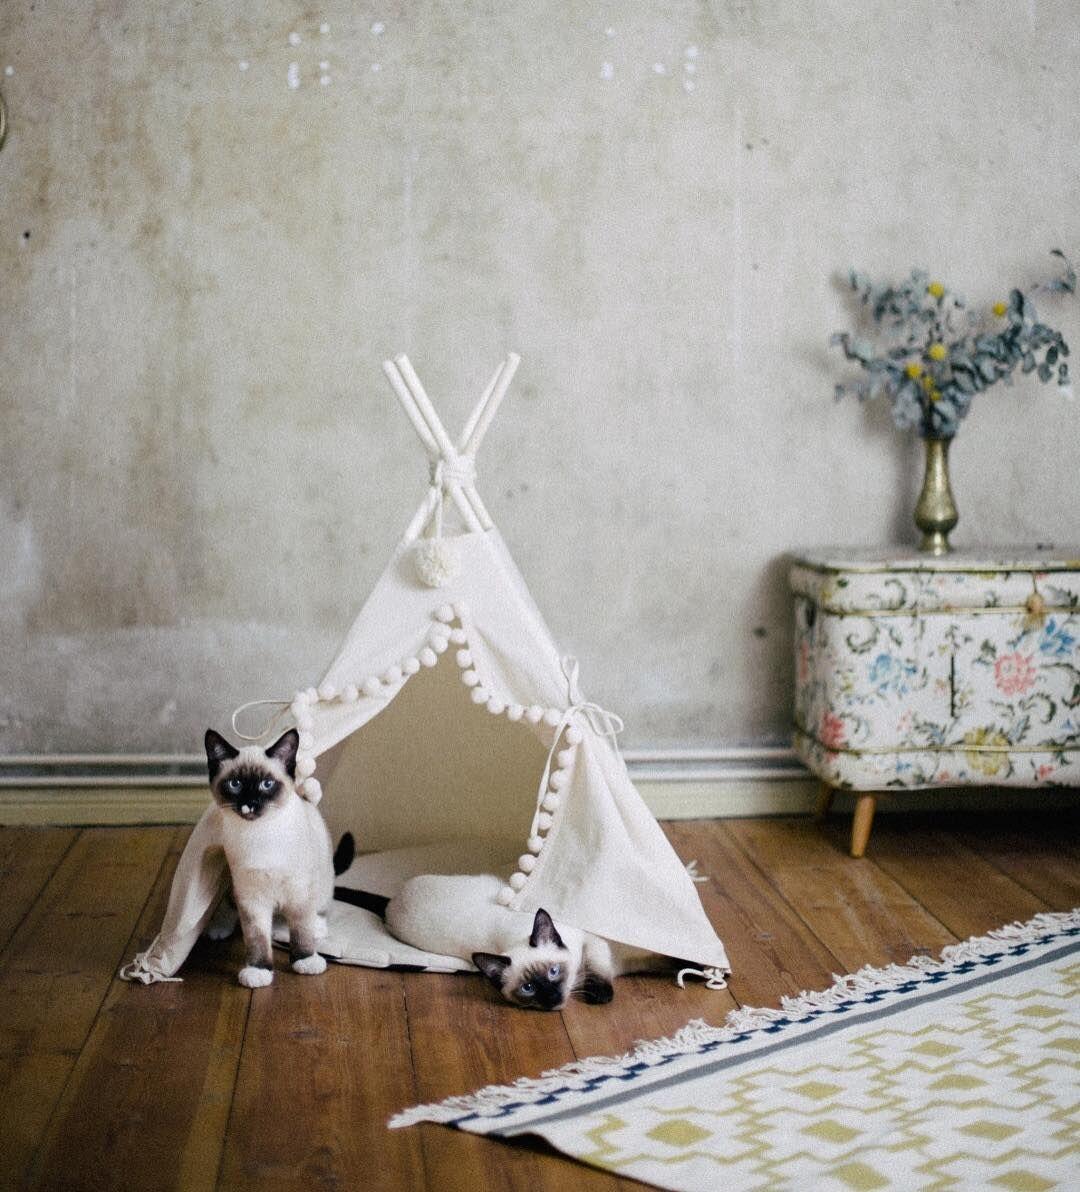 Etsy - Wohnen. Tippi, Zelt, Katzen, Home, Dekoration   Etsy Pets ...